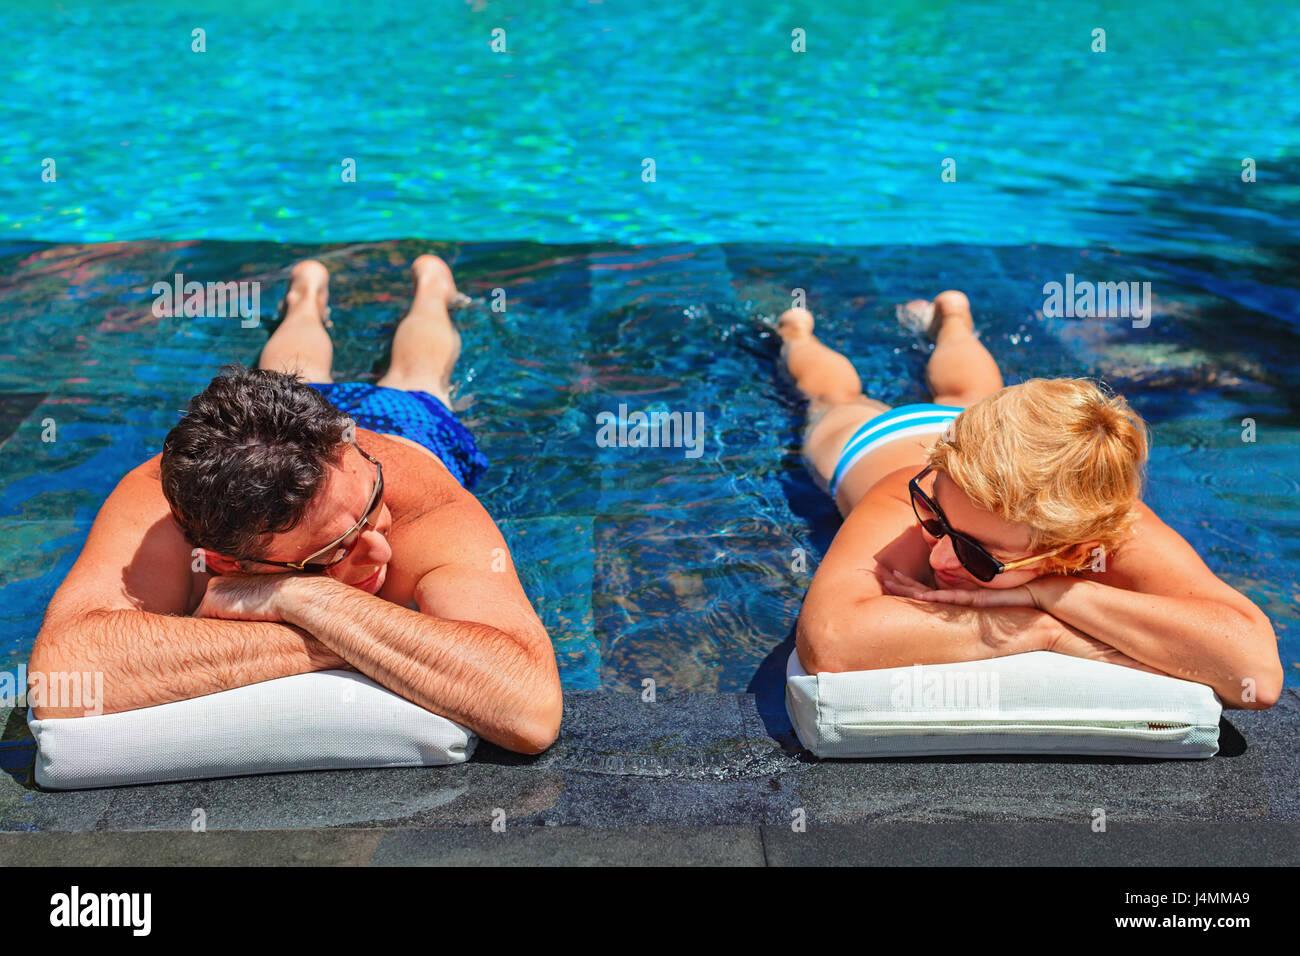 Réussir sa retraite, des loisirs de l'été vacances. Couple retraités bénéficiant Photo Stock